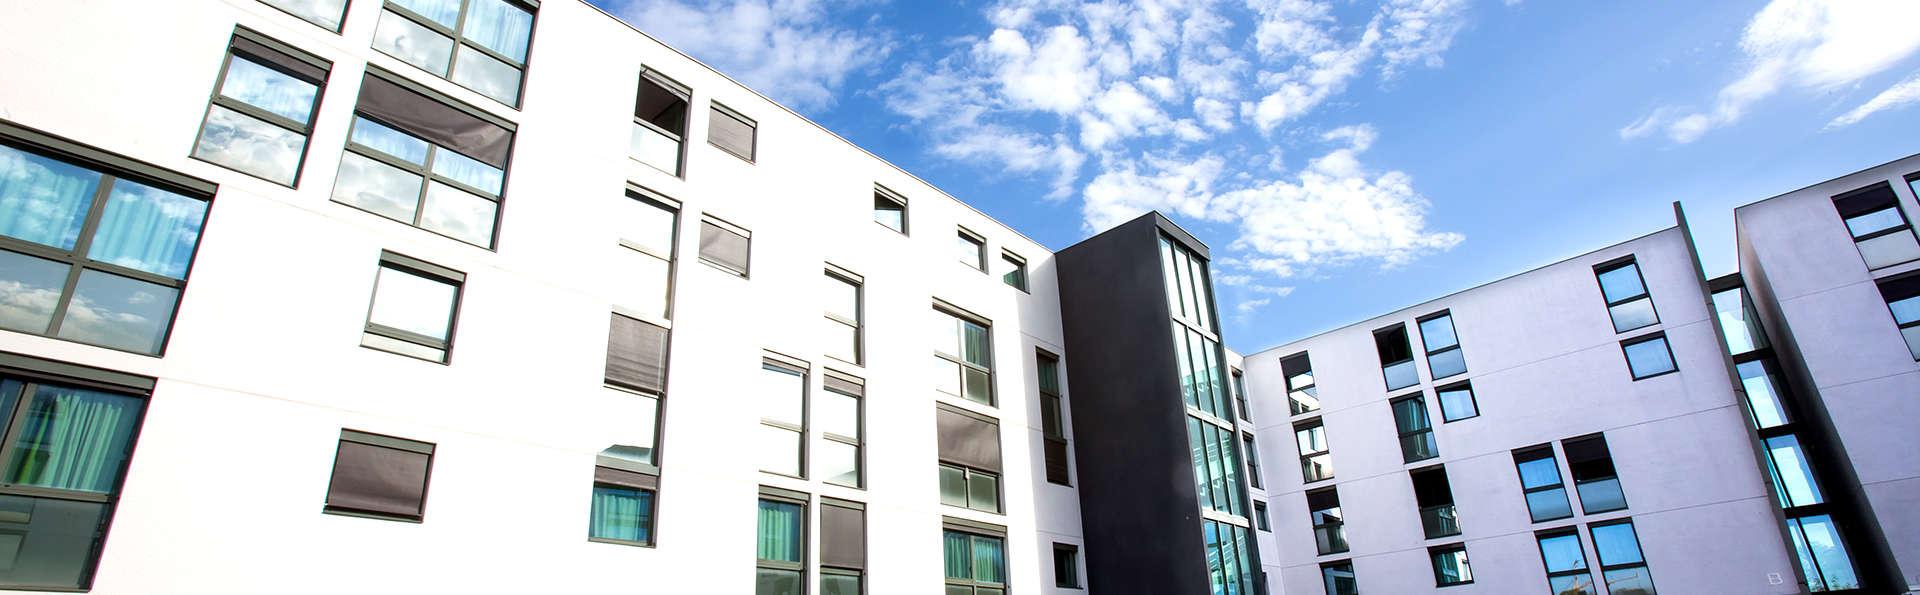 Week-end en appartement dans les quartiers du lac à Bordeaux